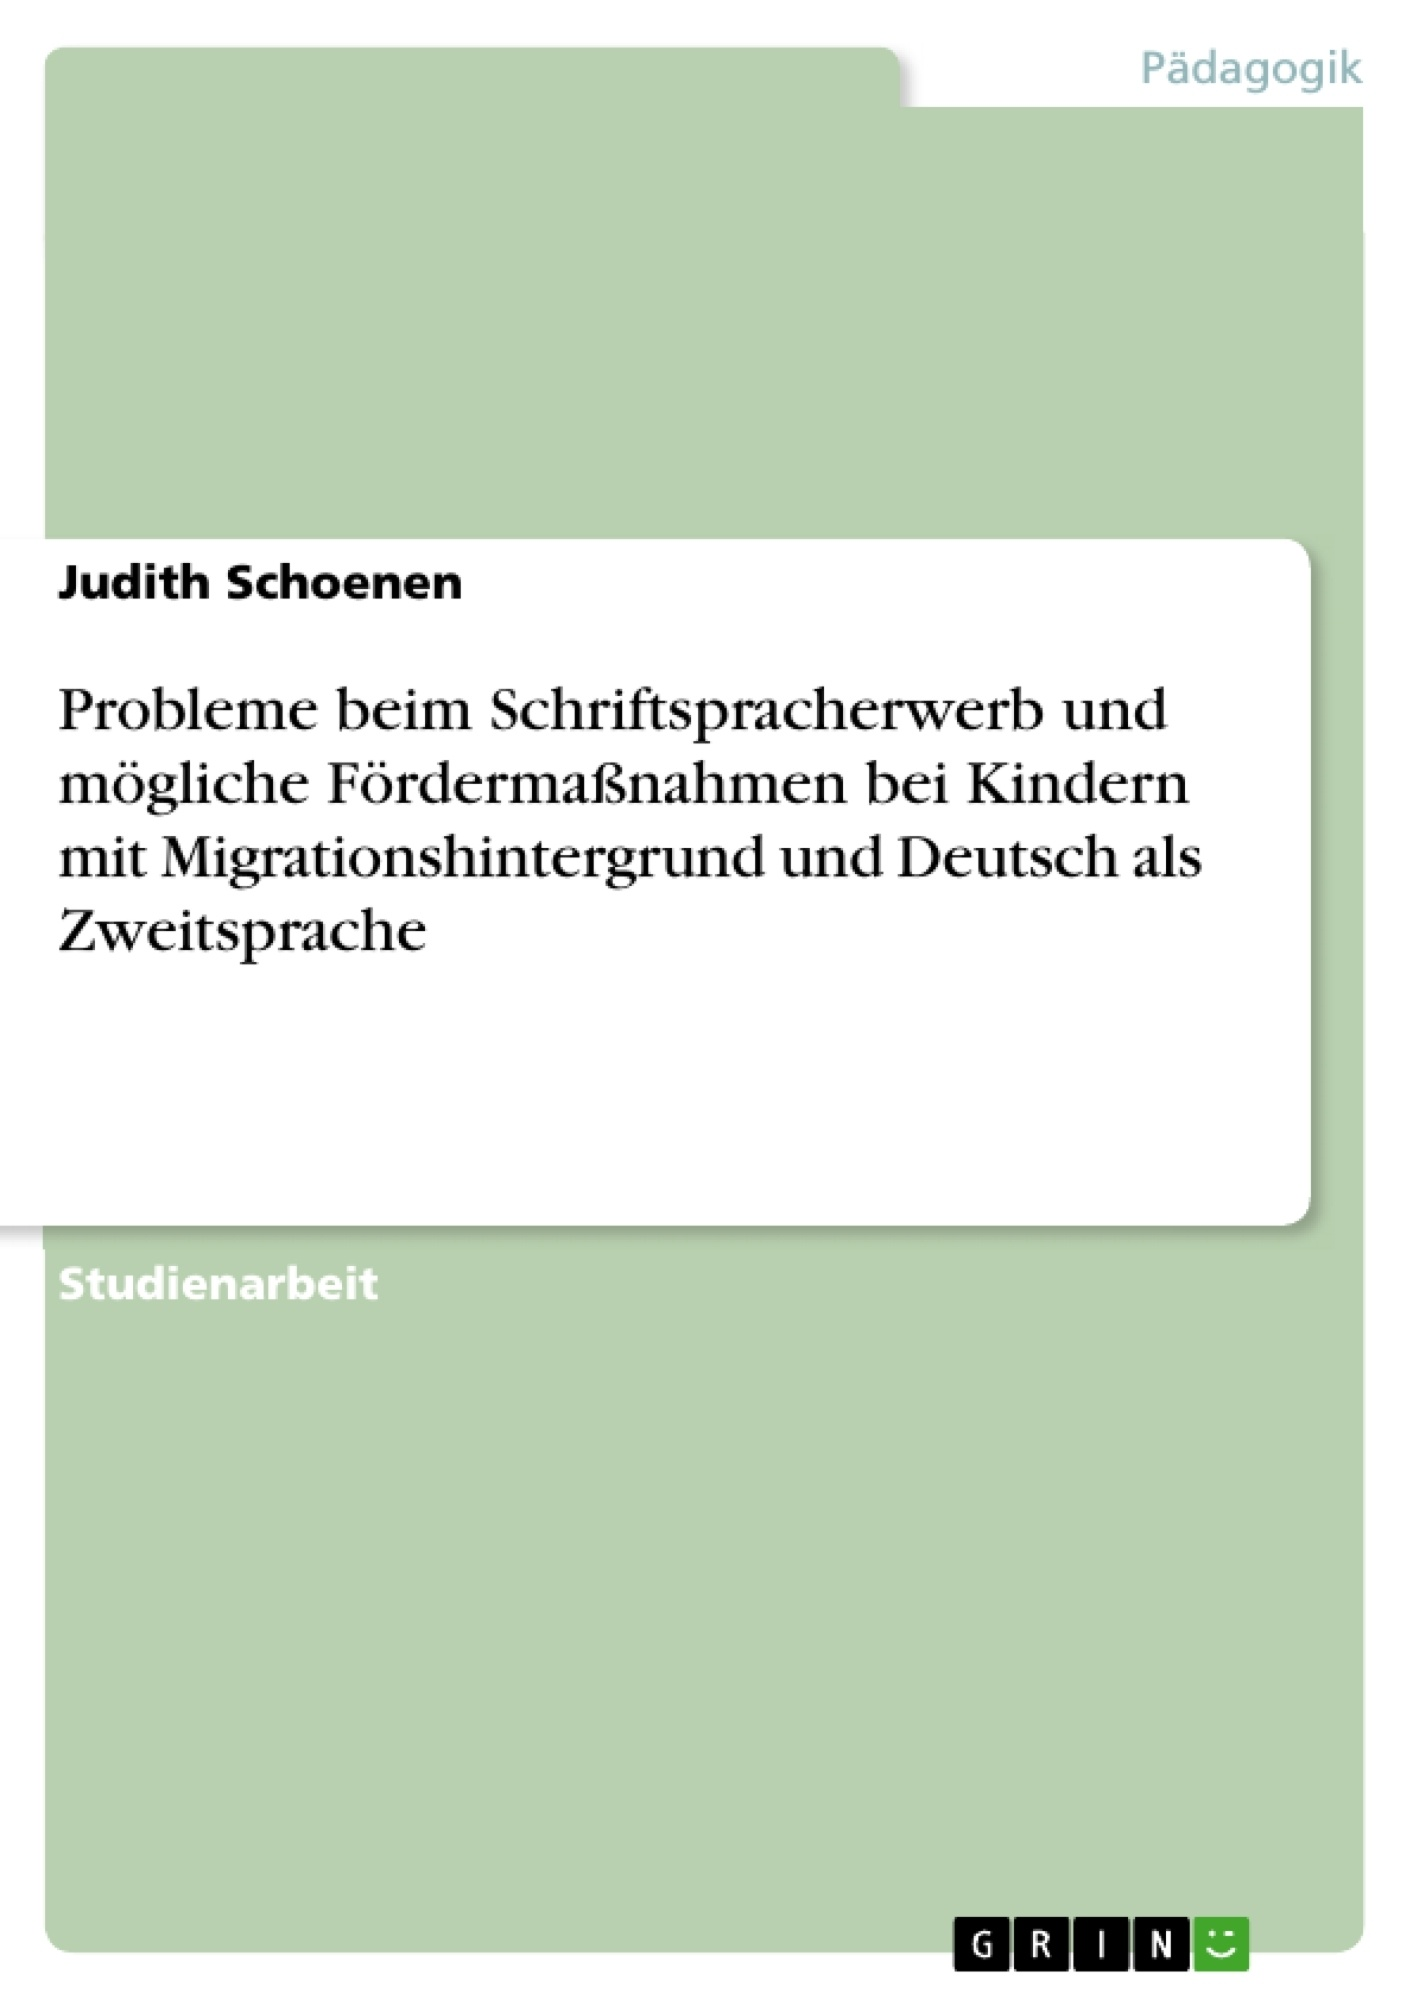 Titel: Probleme beim Schriftspracherwerb und mögliche Fördermaßnahmen bei Kindern mit Migrationshintergrund und Deutsch als Zweitsprache